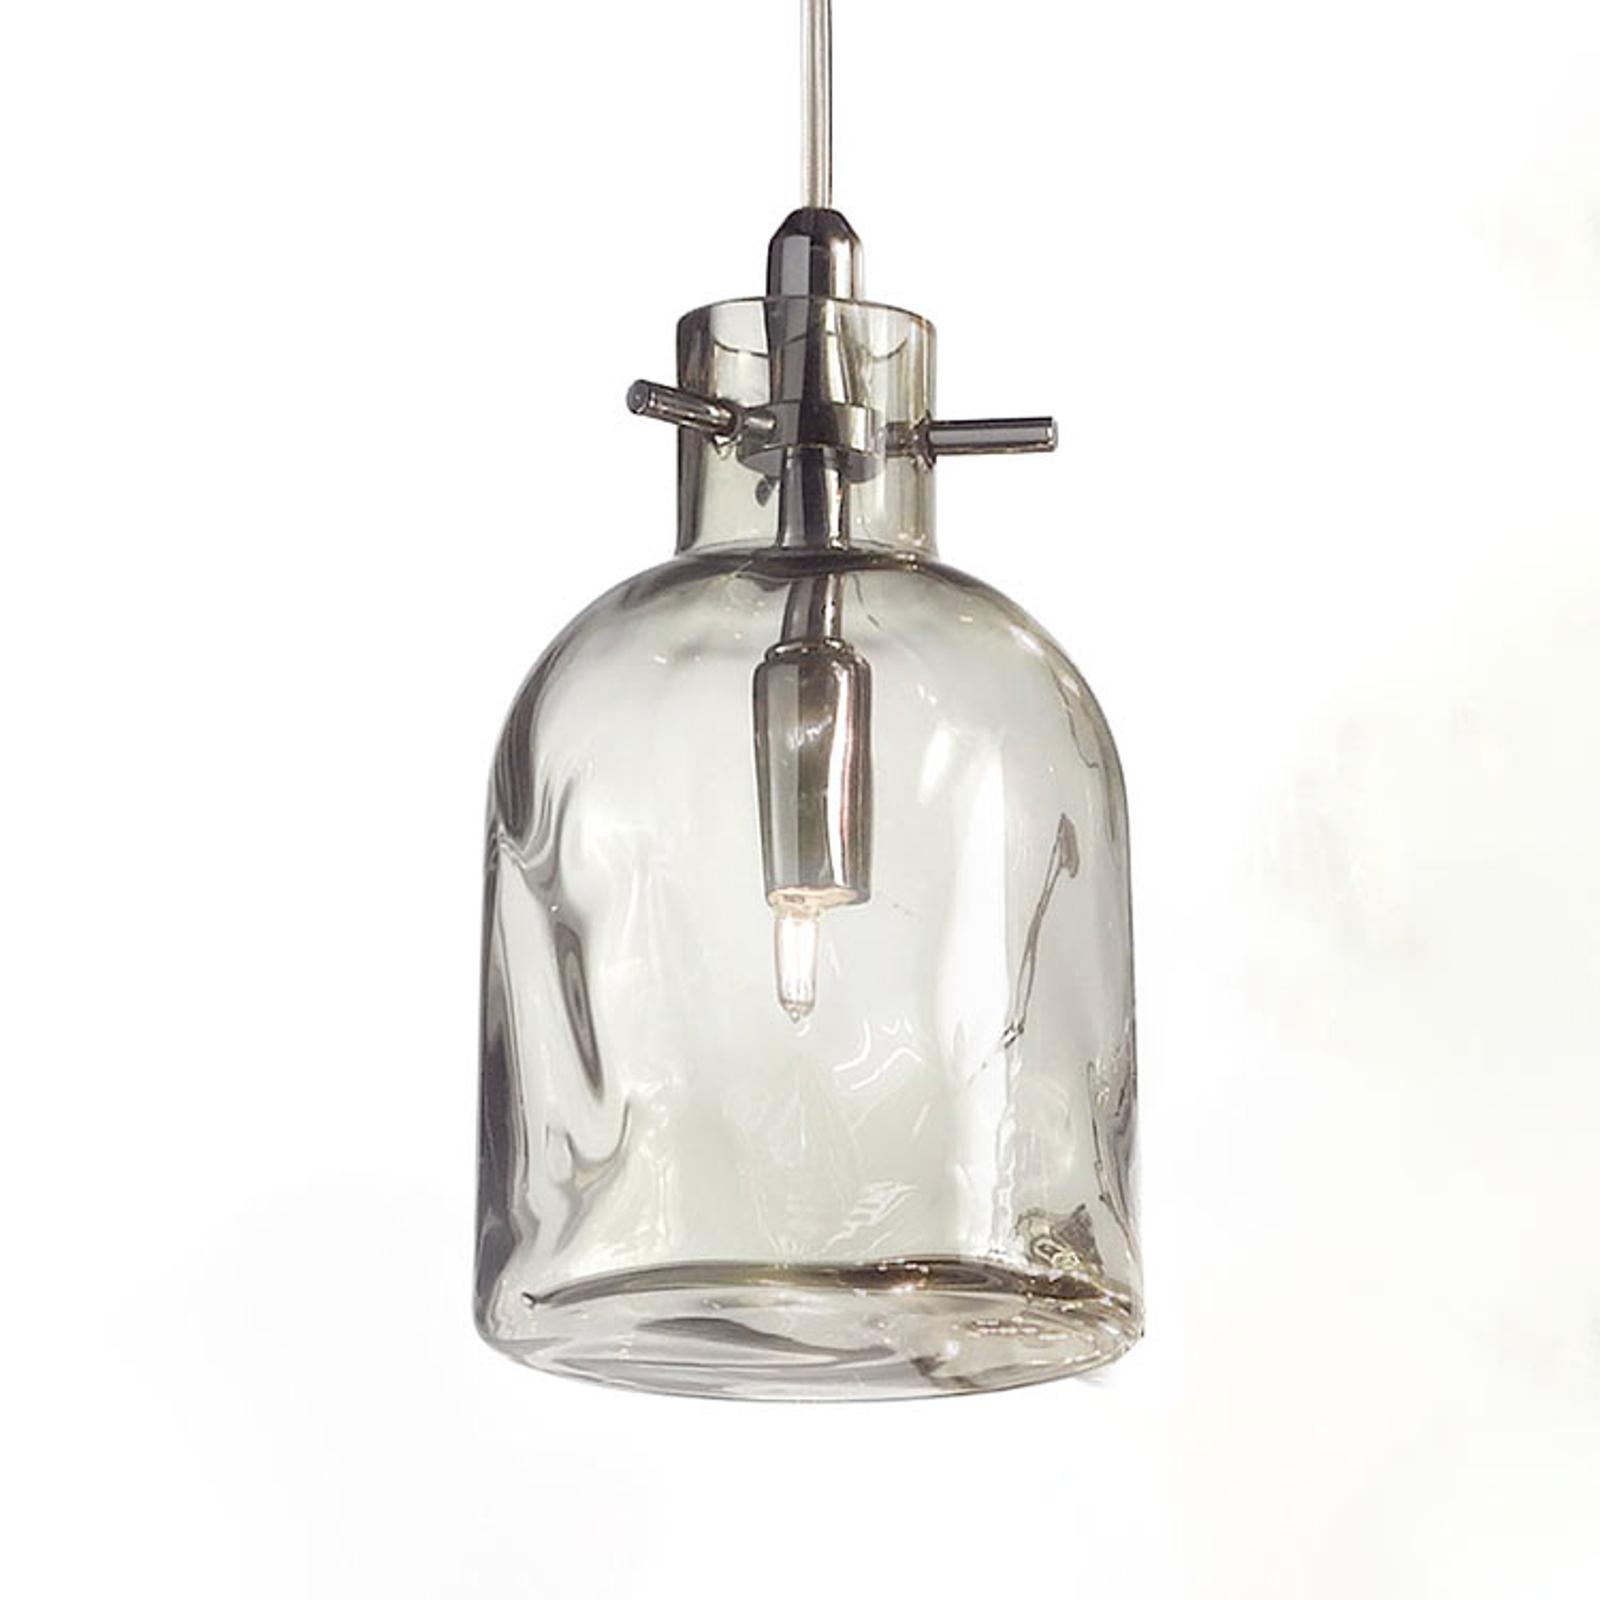 Bossa Nova hængelampe, 11 cm, røg